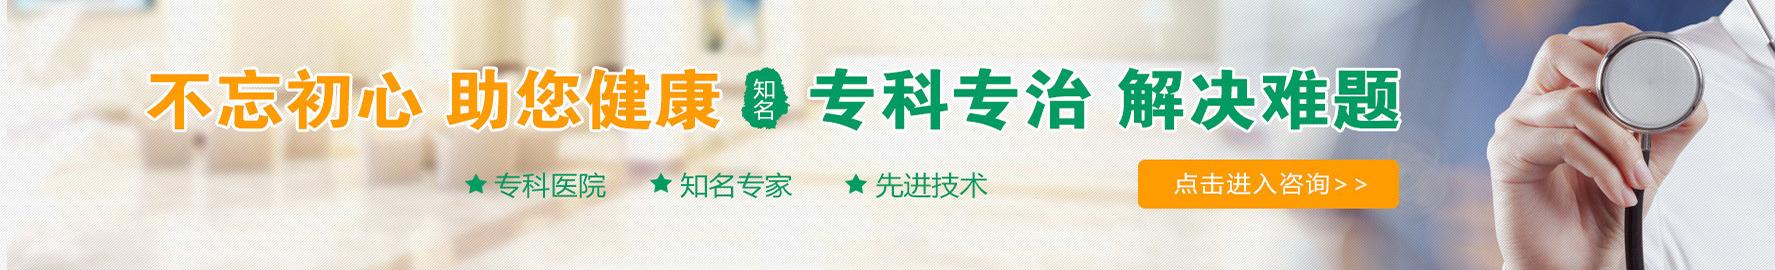 广州不孕不育医院